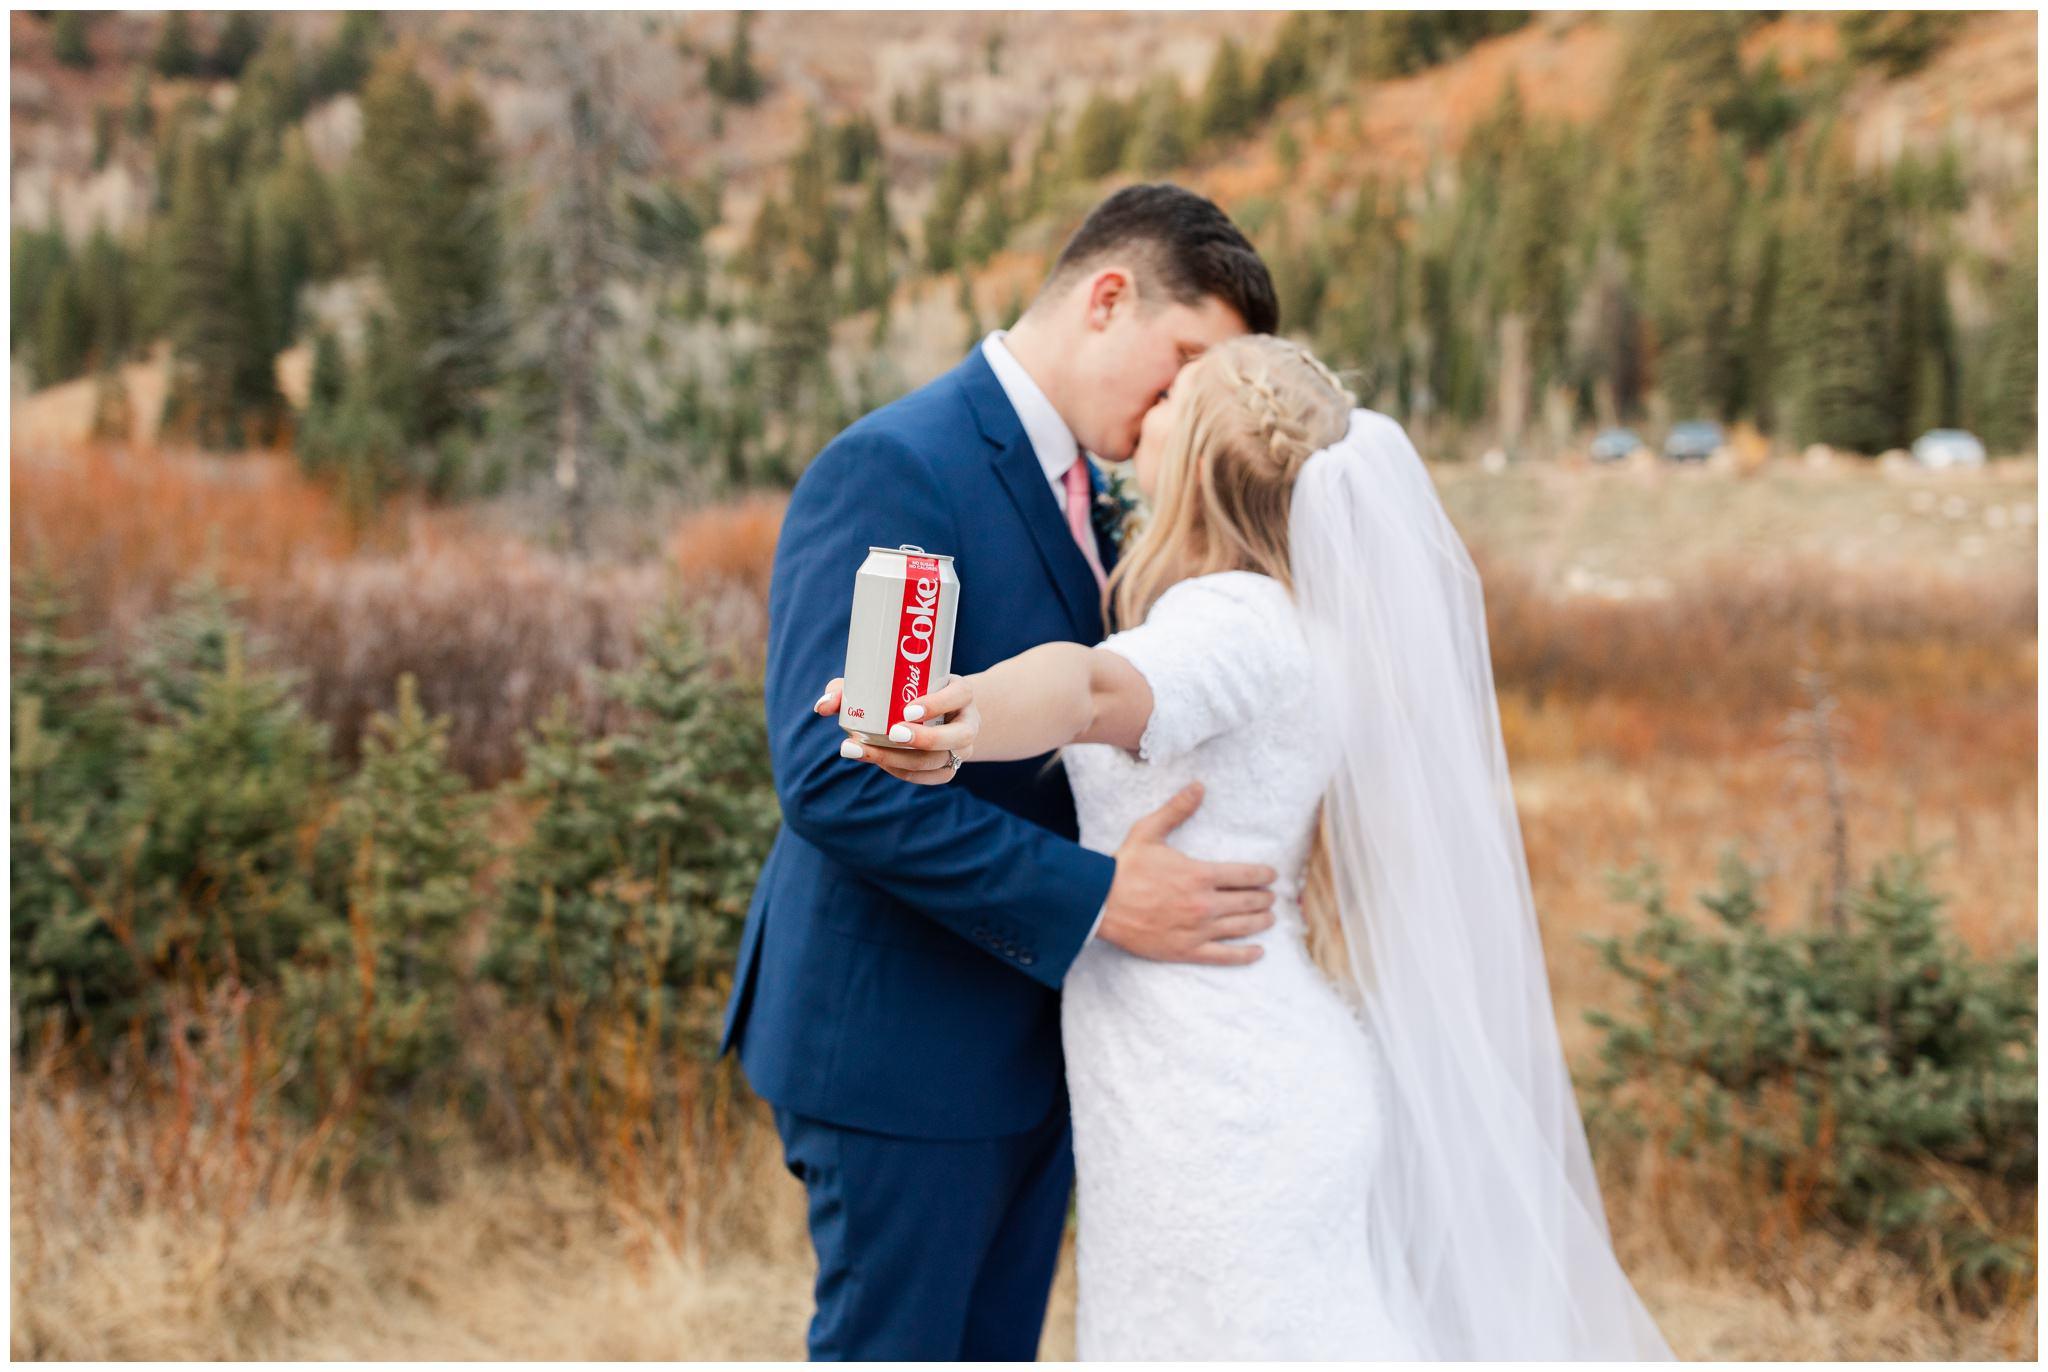 Coca-cola Wedding photos